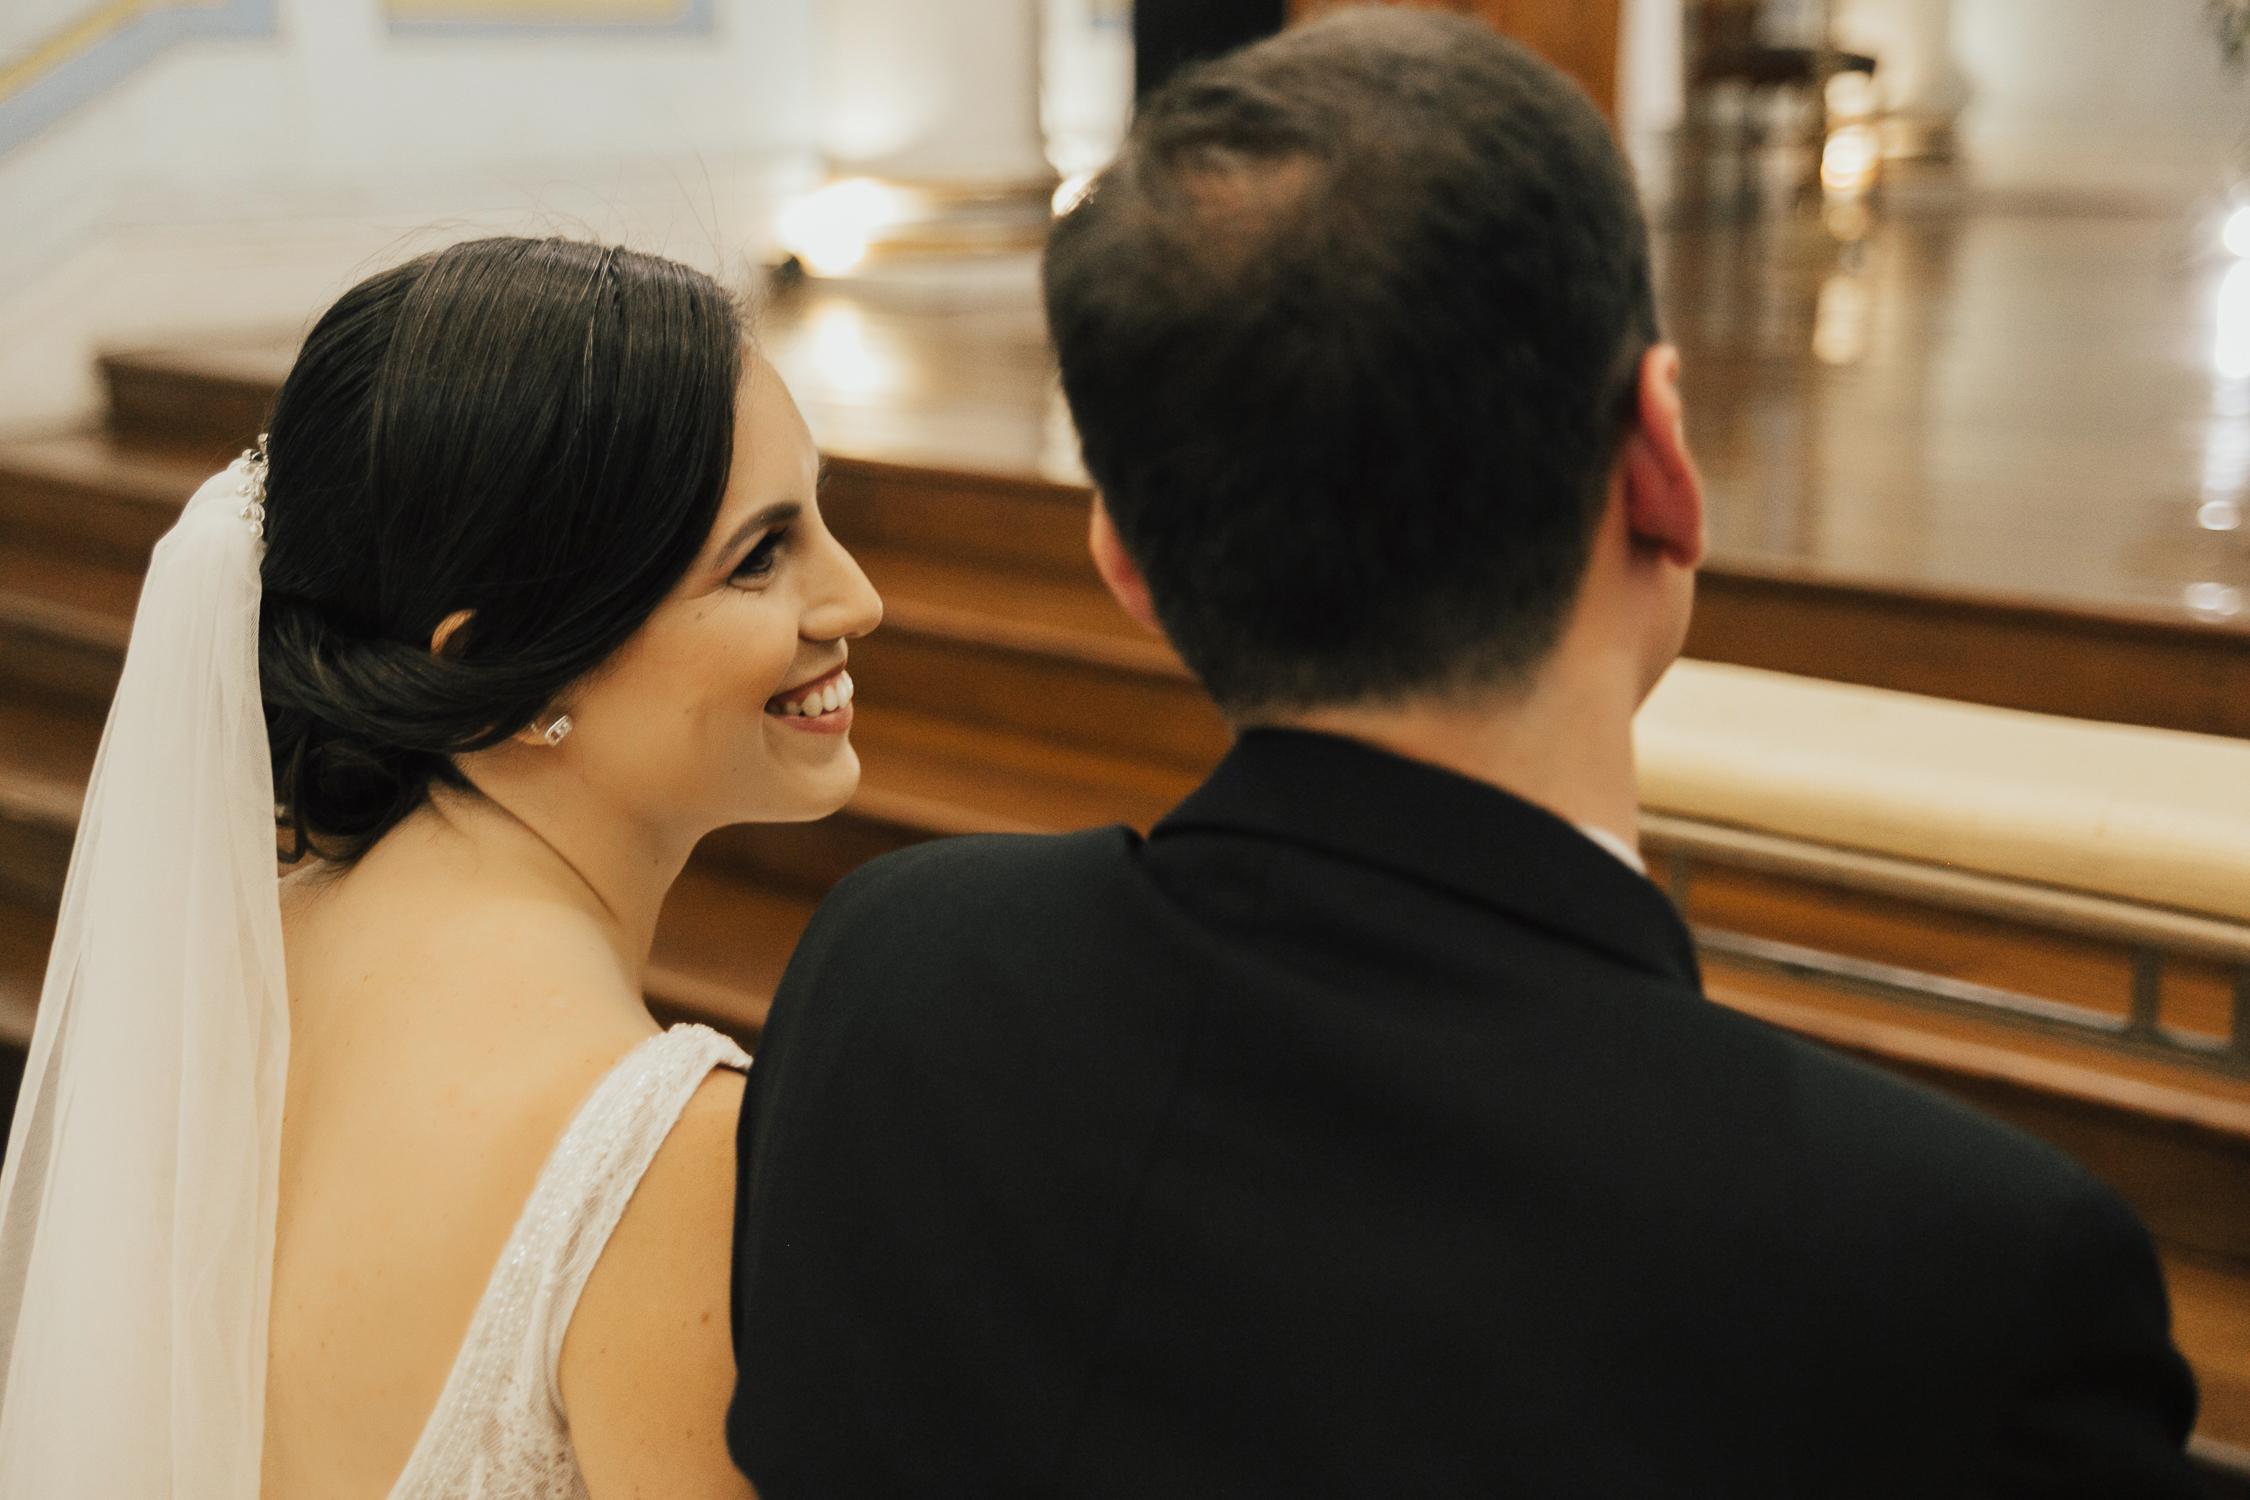 Michelle-Agurto-Fotografia-Bodas-Ecuador-Destination-Wedding-Photographer-Ecuador-Mercedes-Alvaro-64.JPG